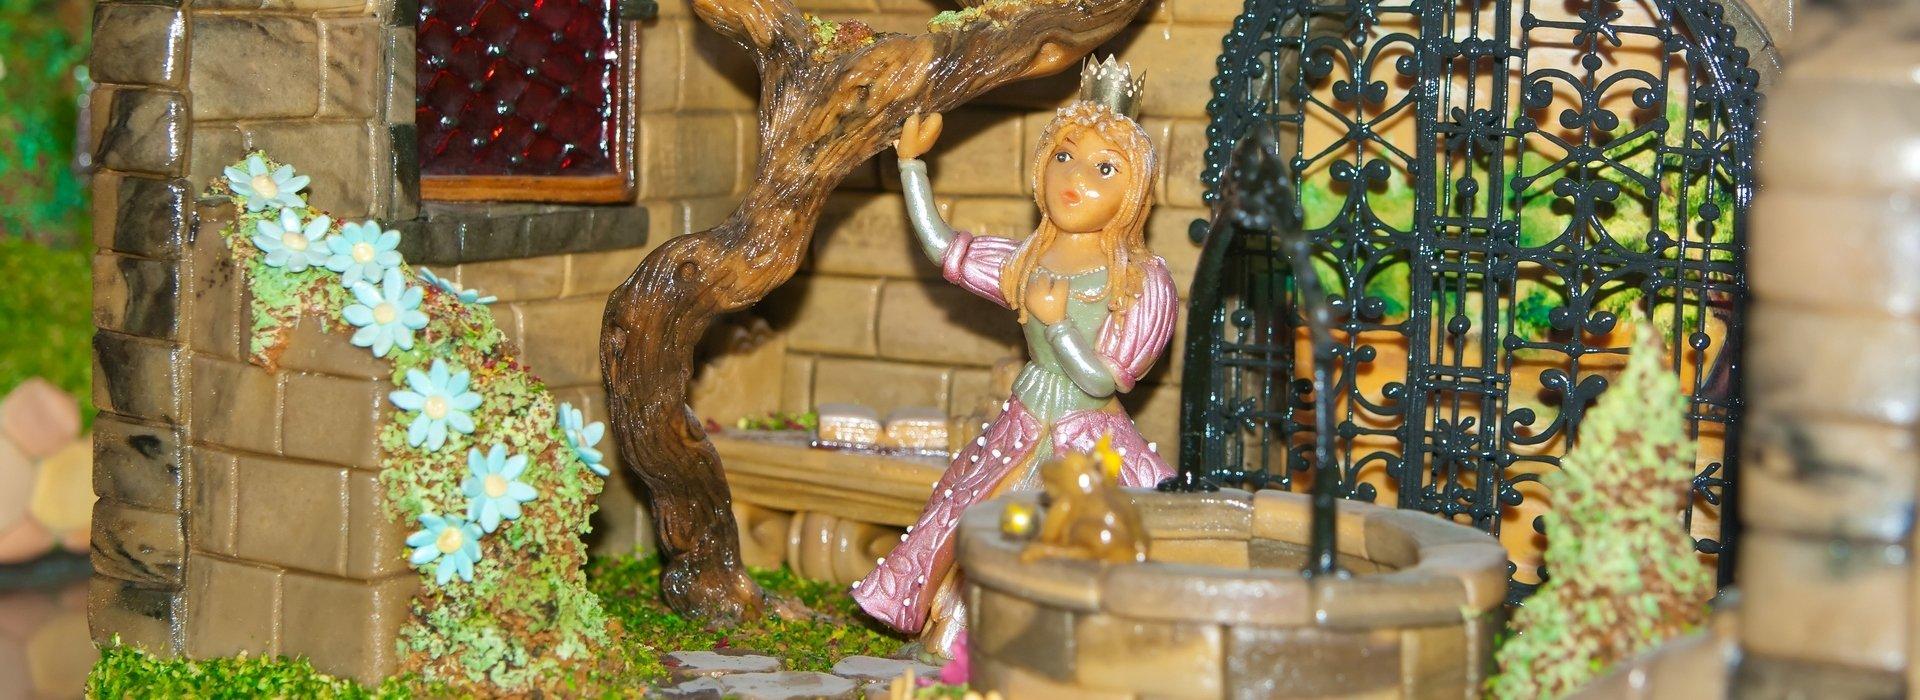 Szentendre Culture – Cultural life of Szentendre